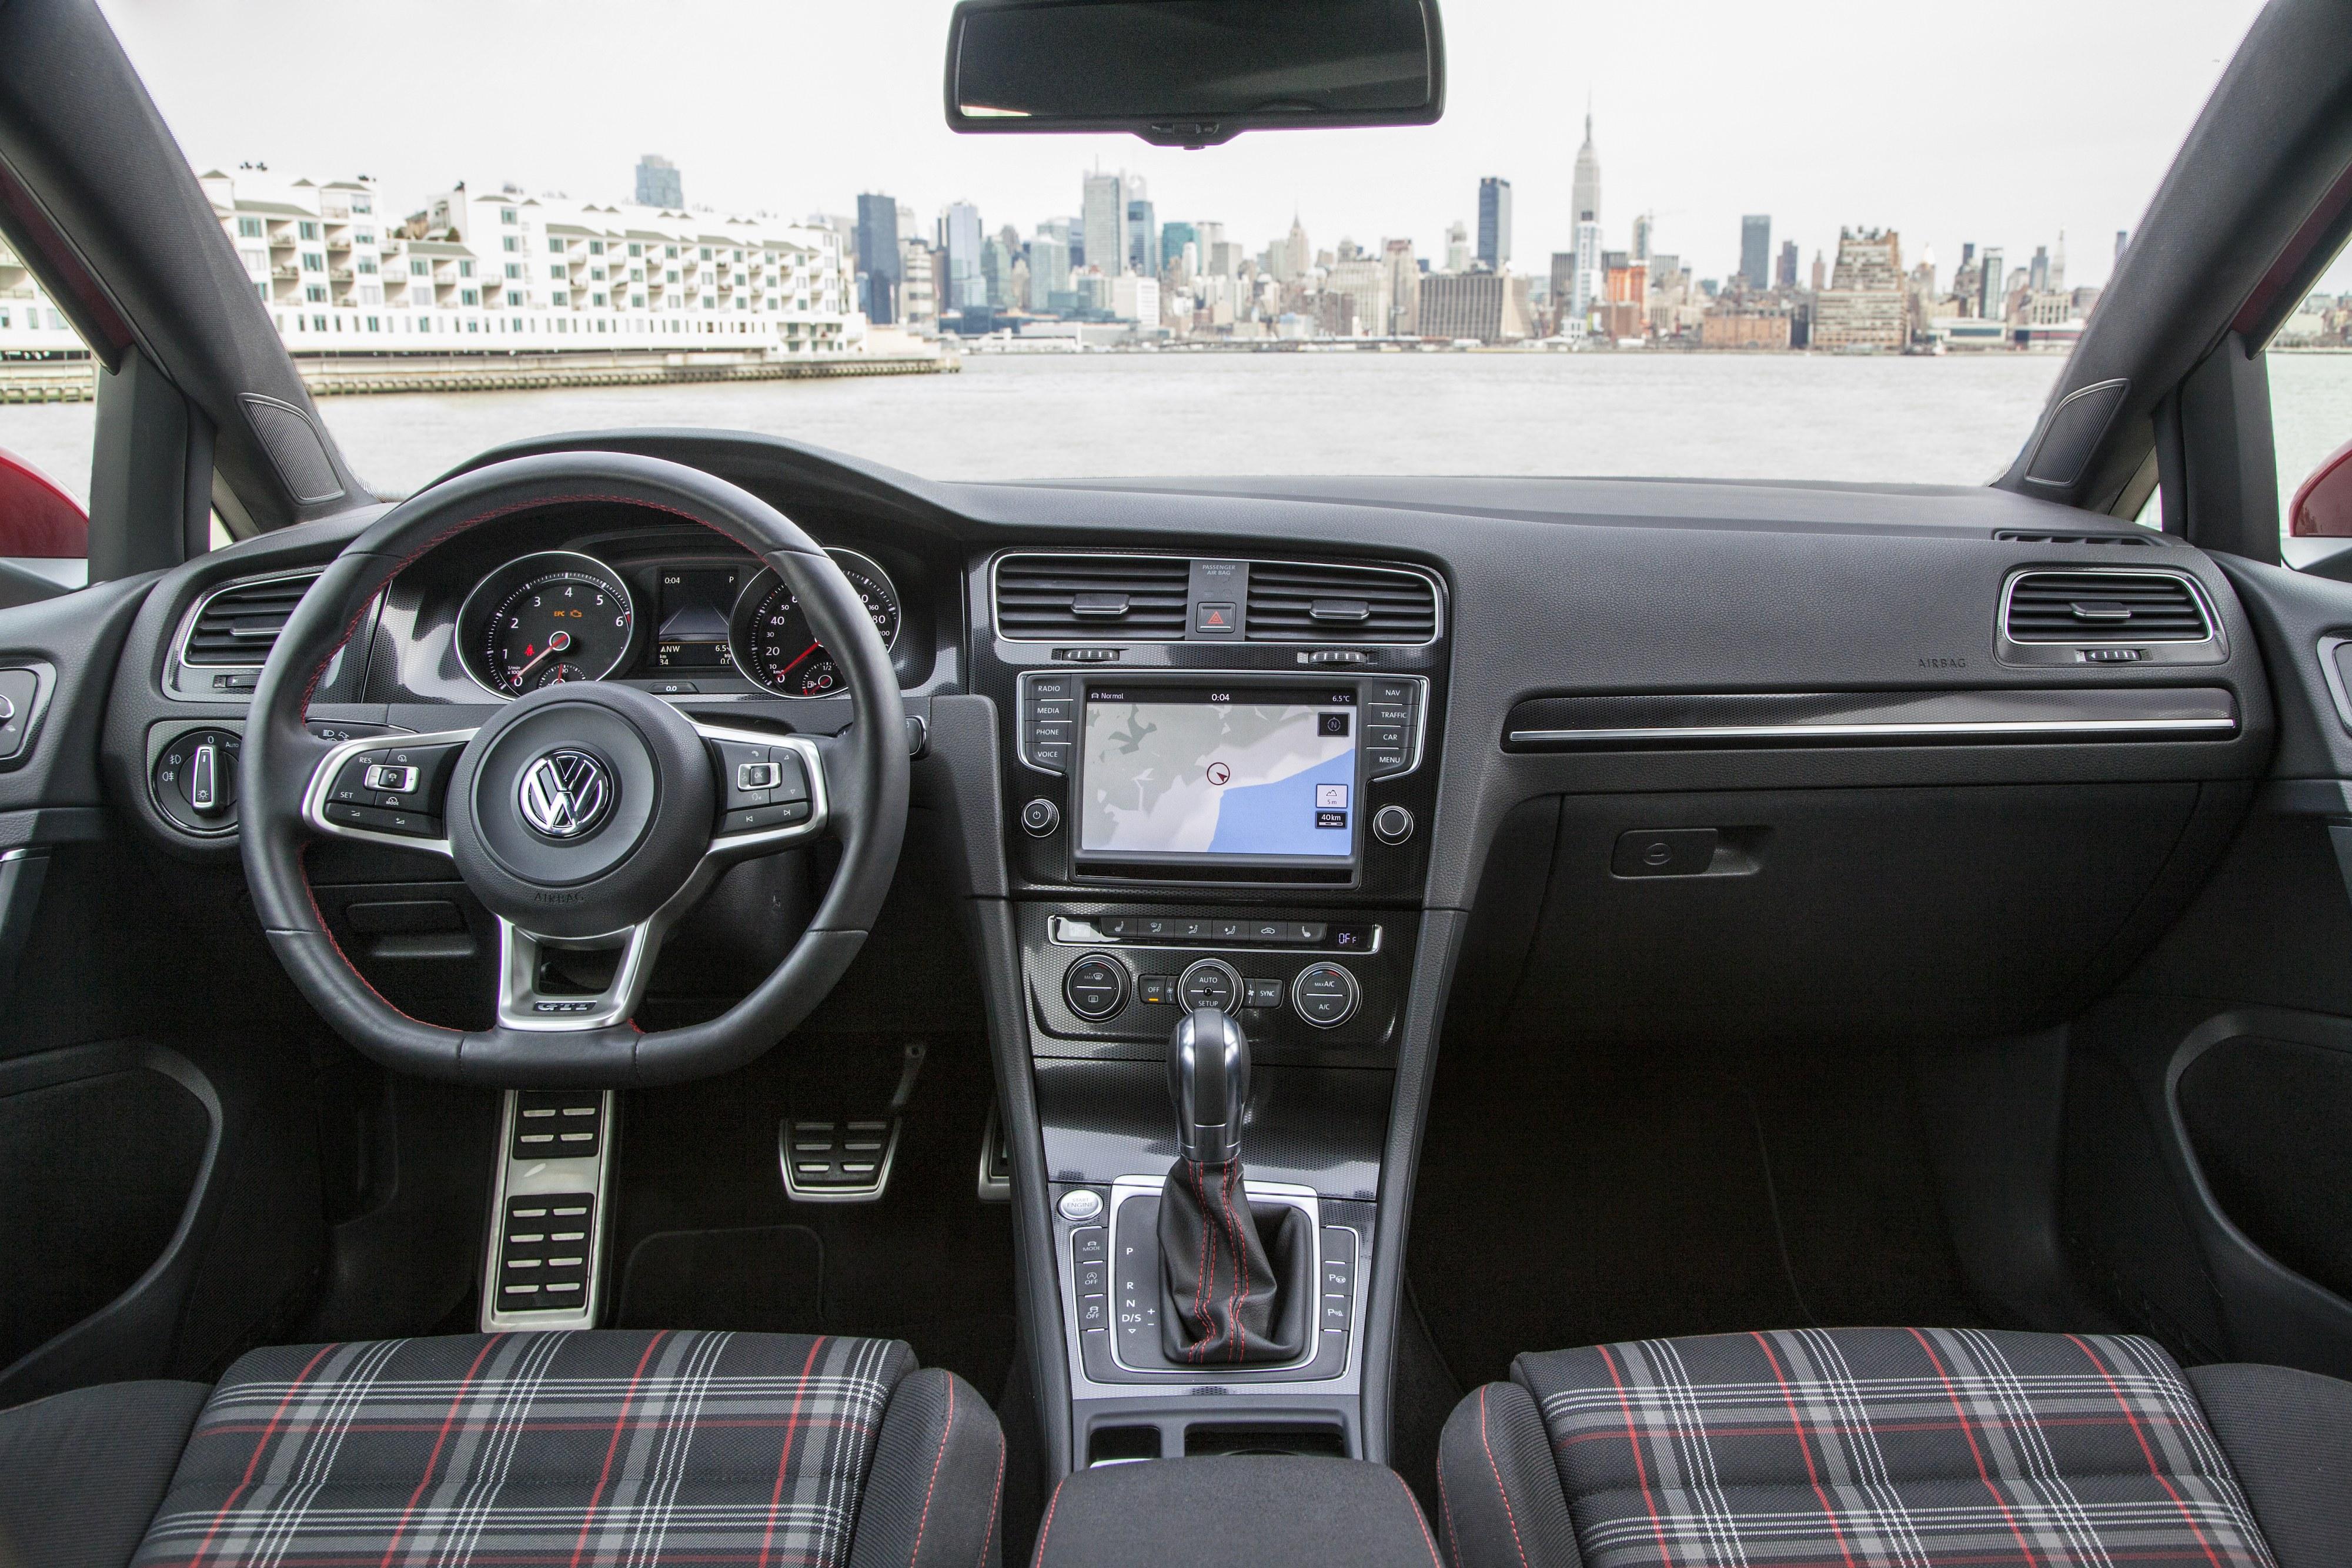 Mmassey33 Audi S4 Featured In New Avantgarde Wheels Video